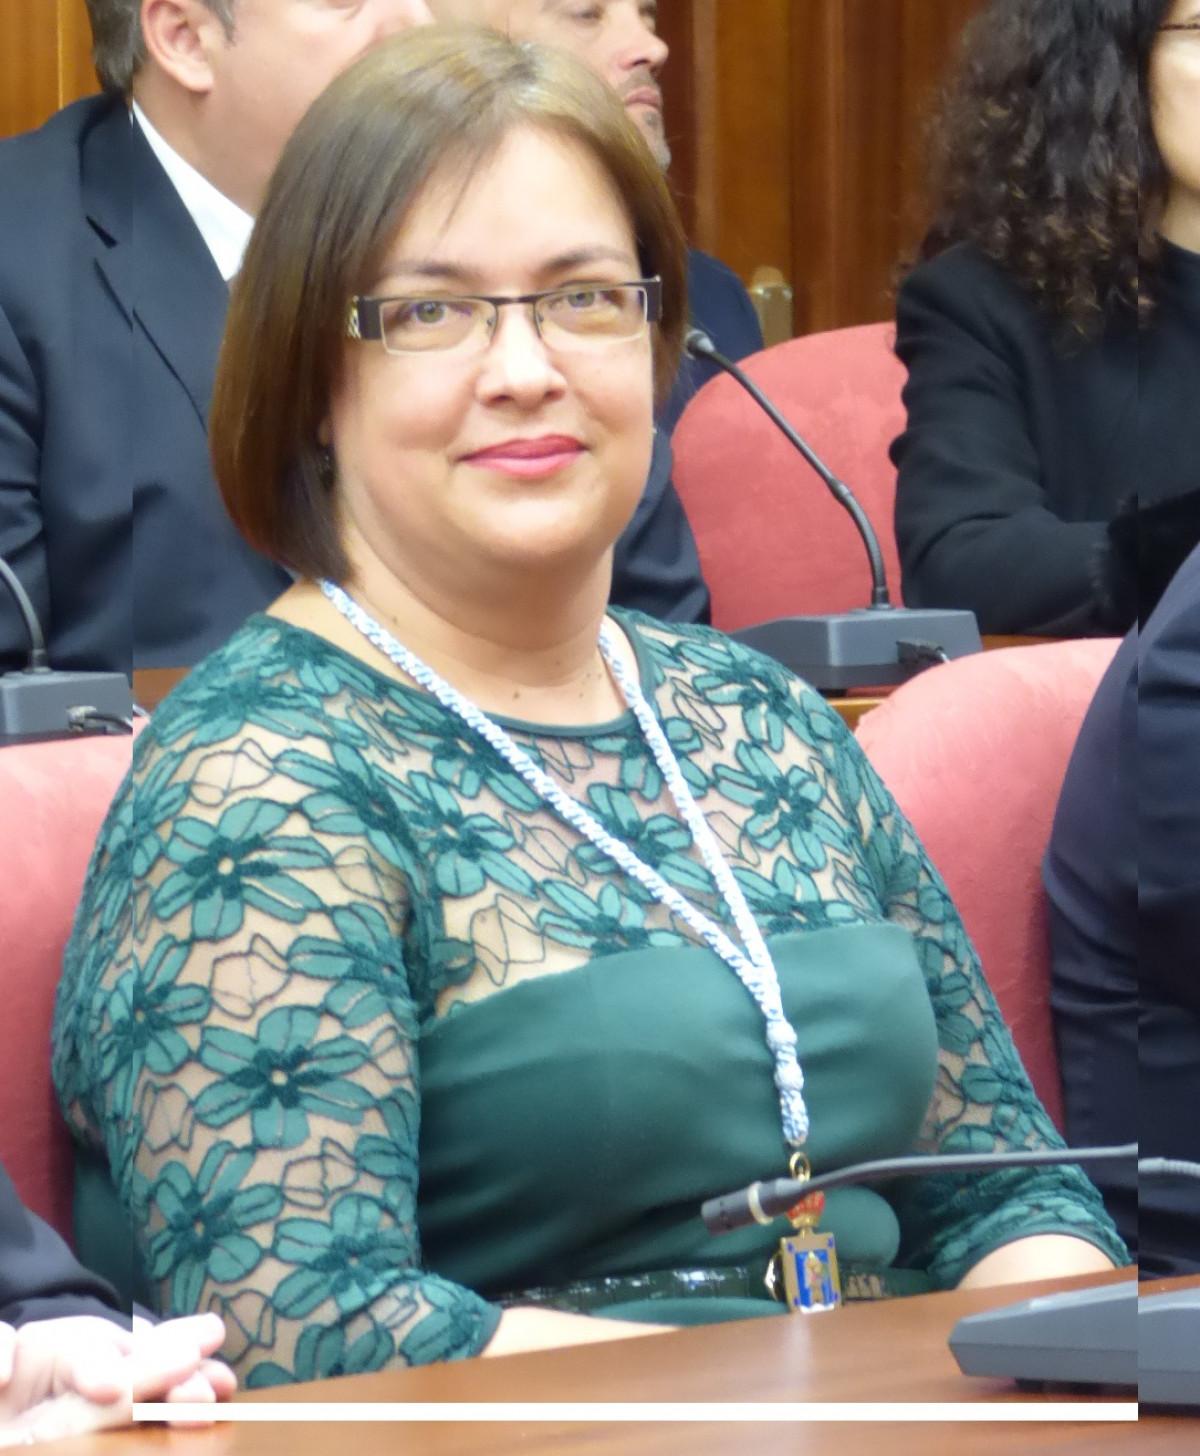 Mayte Rodriu0301guez